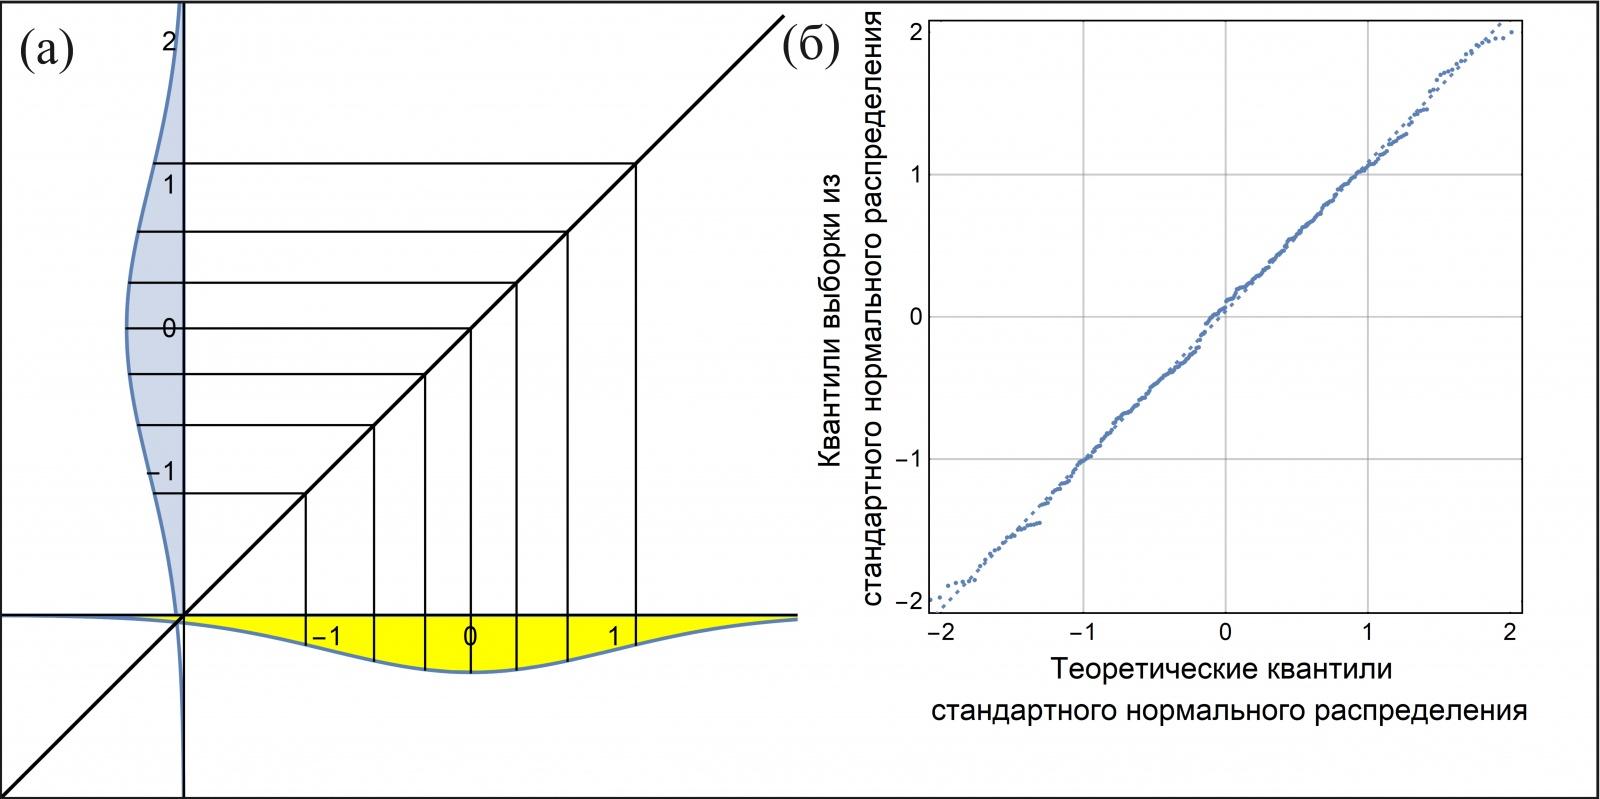 Рис. 4: Зависимость теоретических квантилей (а) стандартного нормального распределения от теоретических квантилей стандартного нормального распределения. (б): Зависимость выборочных квантилей (200 штук) стандартного нормального распределения от тех же теоретических.